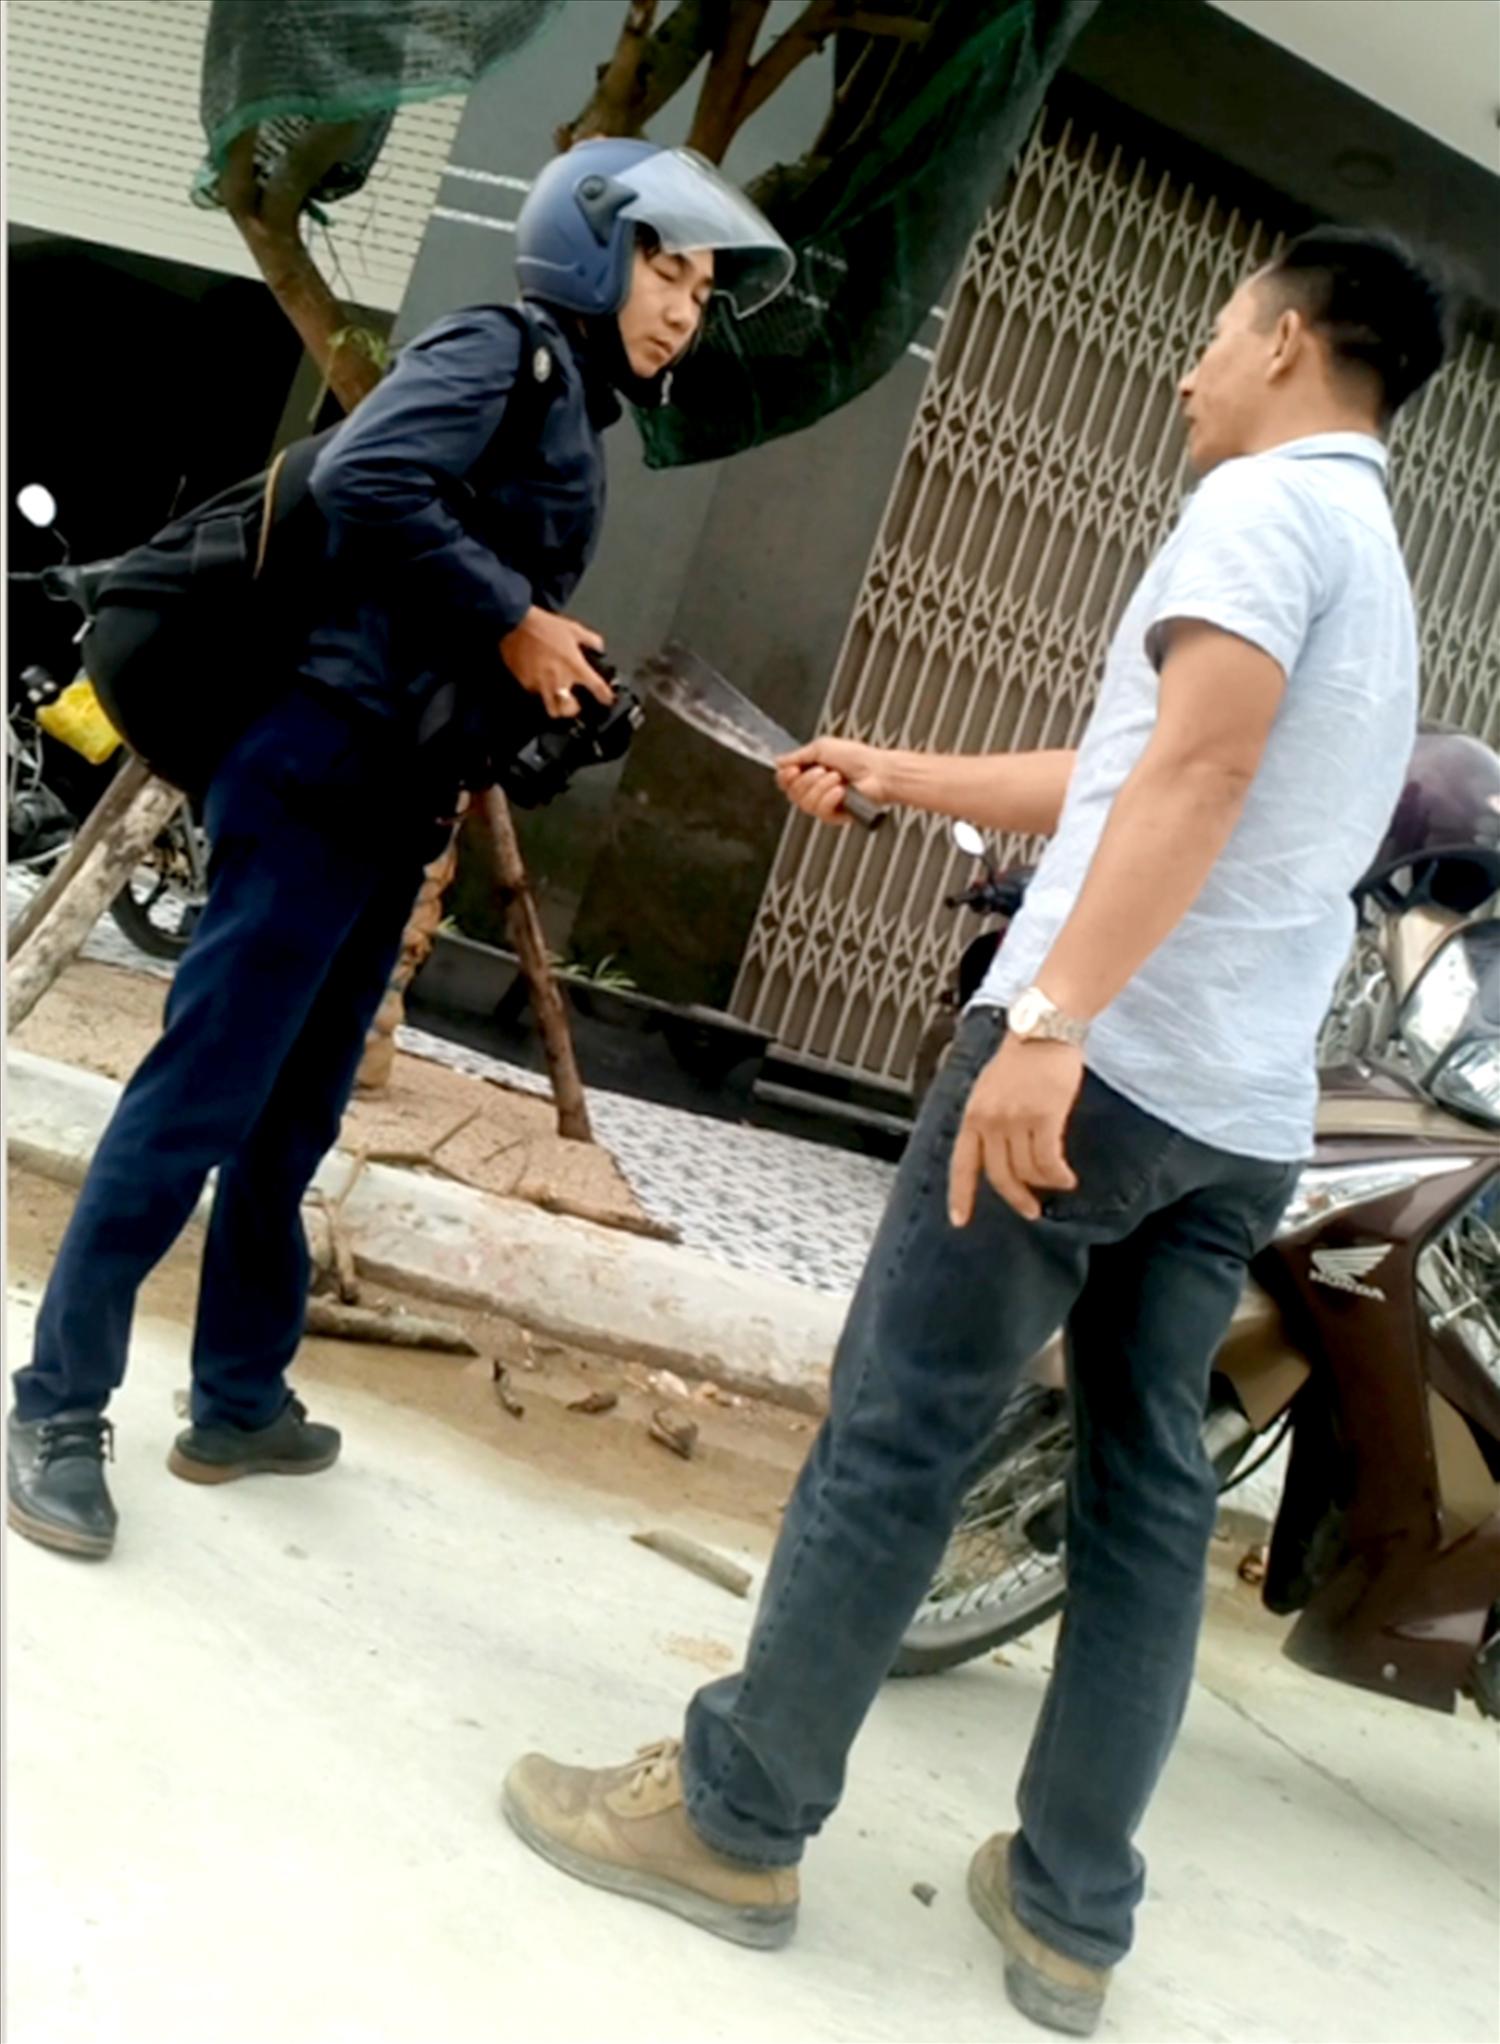 PV báo Nông thôn ngày nay bị một đối tượng lạ mặt đánh, dùng dao uy hiếp, dọa giết khi đang tác nghiệp.